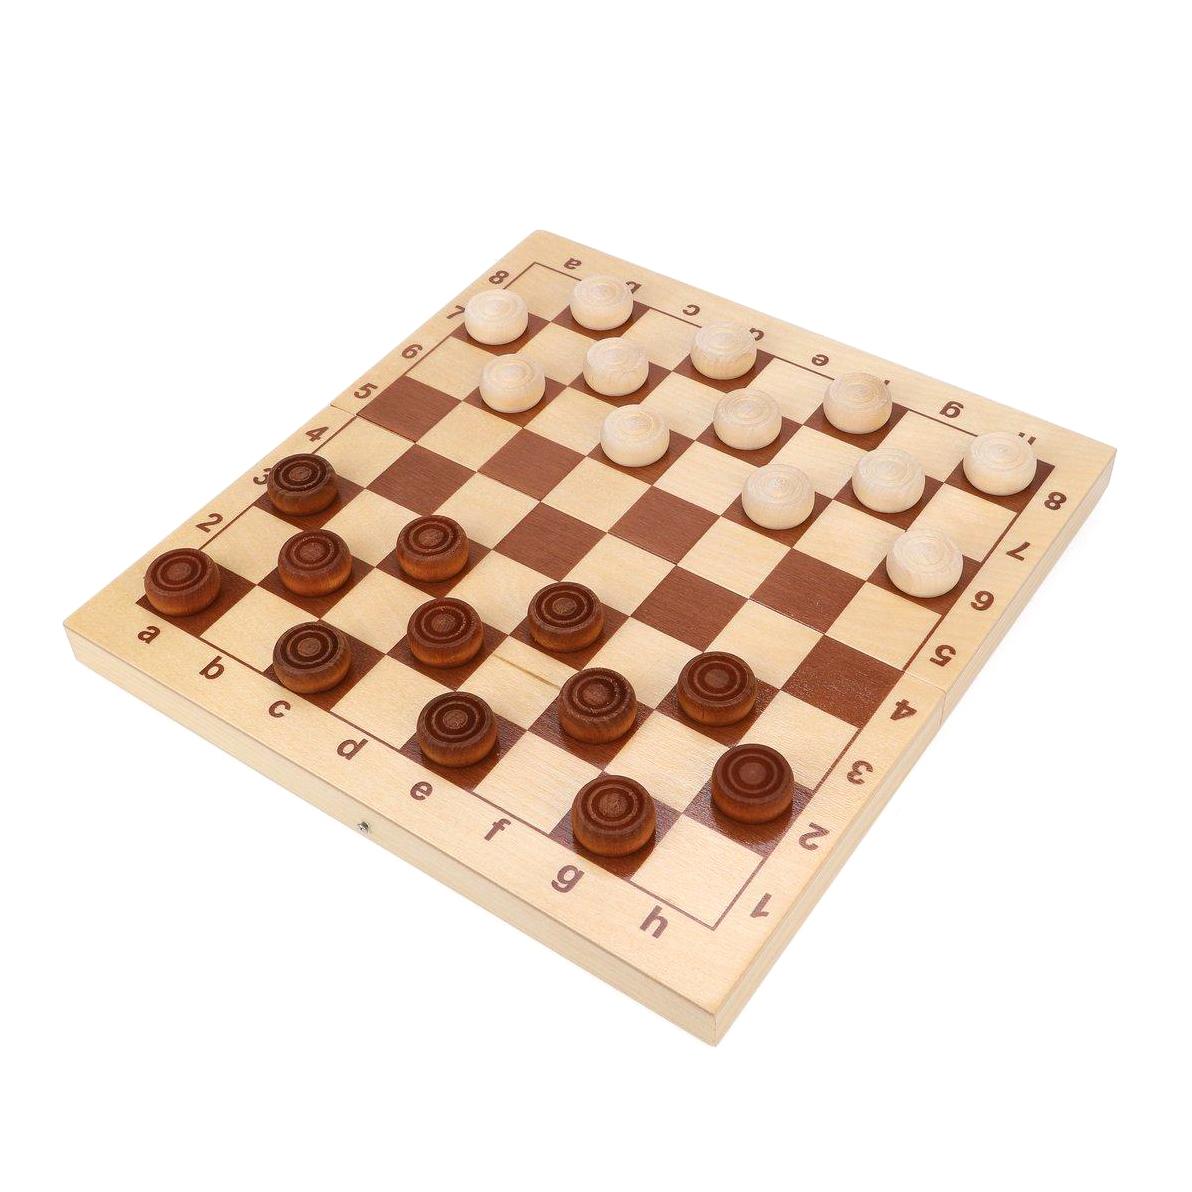 Настольная игра Десятое королевство Шашки деревянные 29x29 см десятое королевство td00995 игра настольная космобой